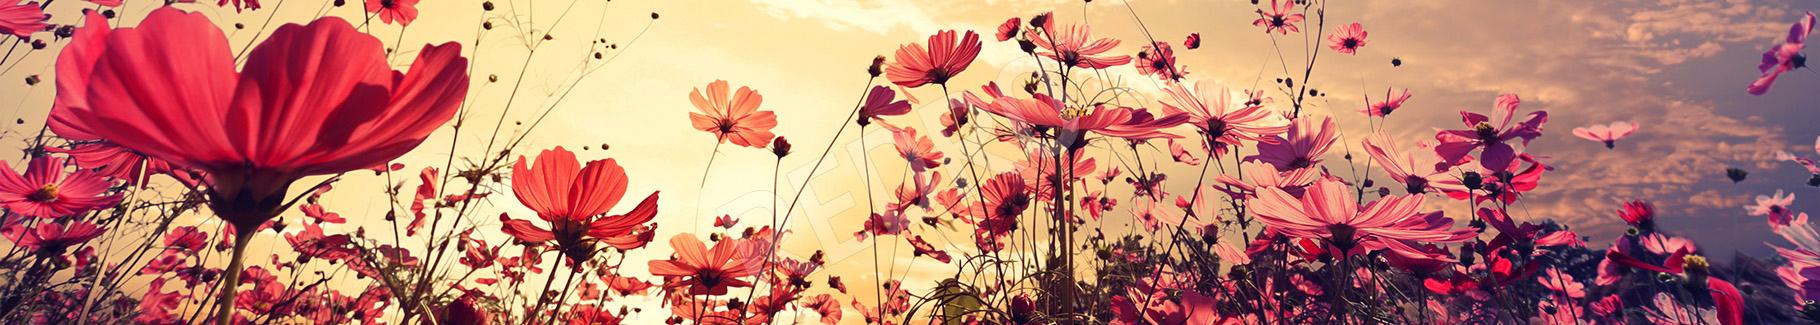 Fototapeta kwiaty na łące